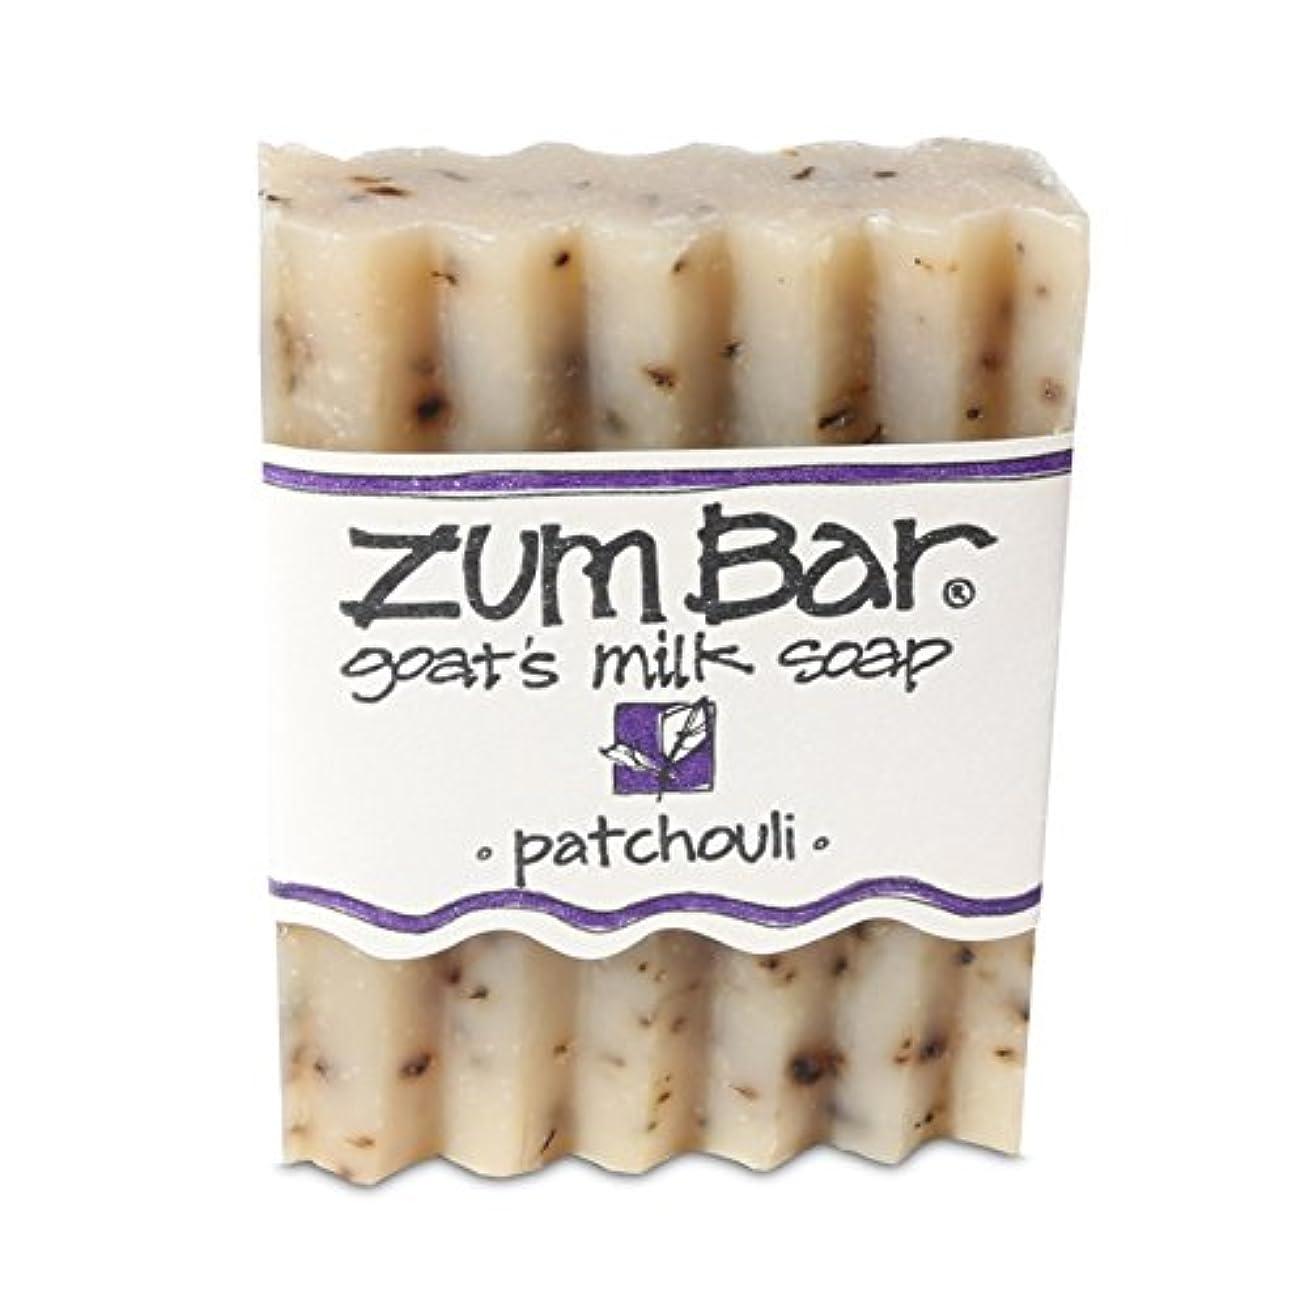 若者メイン強風海外直送品 Indigo Wild, Zum Bar, Goat's ミルク ソープ パチョリ, 3 Ounces (2個セット) (Patchouli) [並行輸入品]